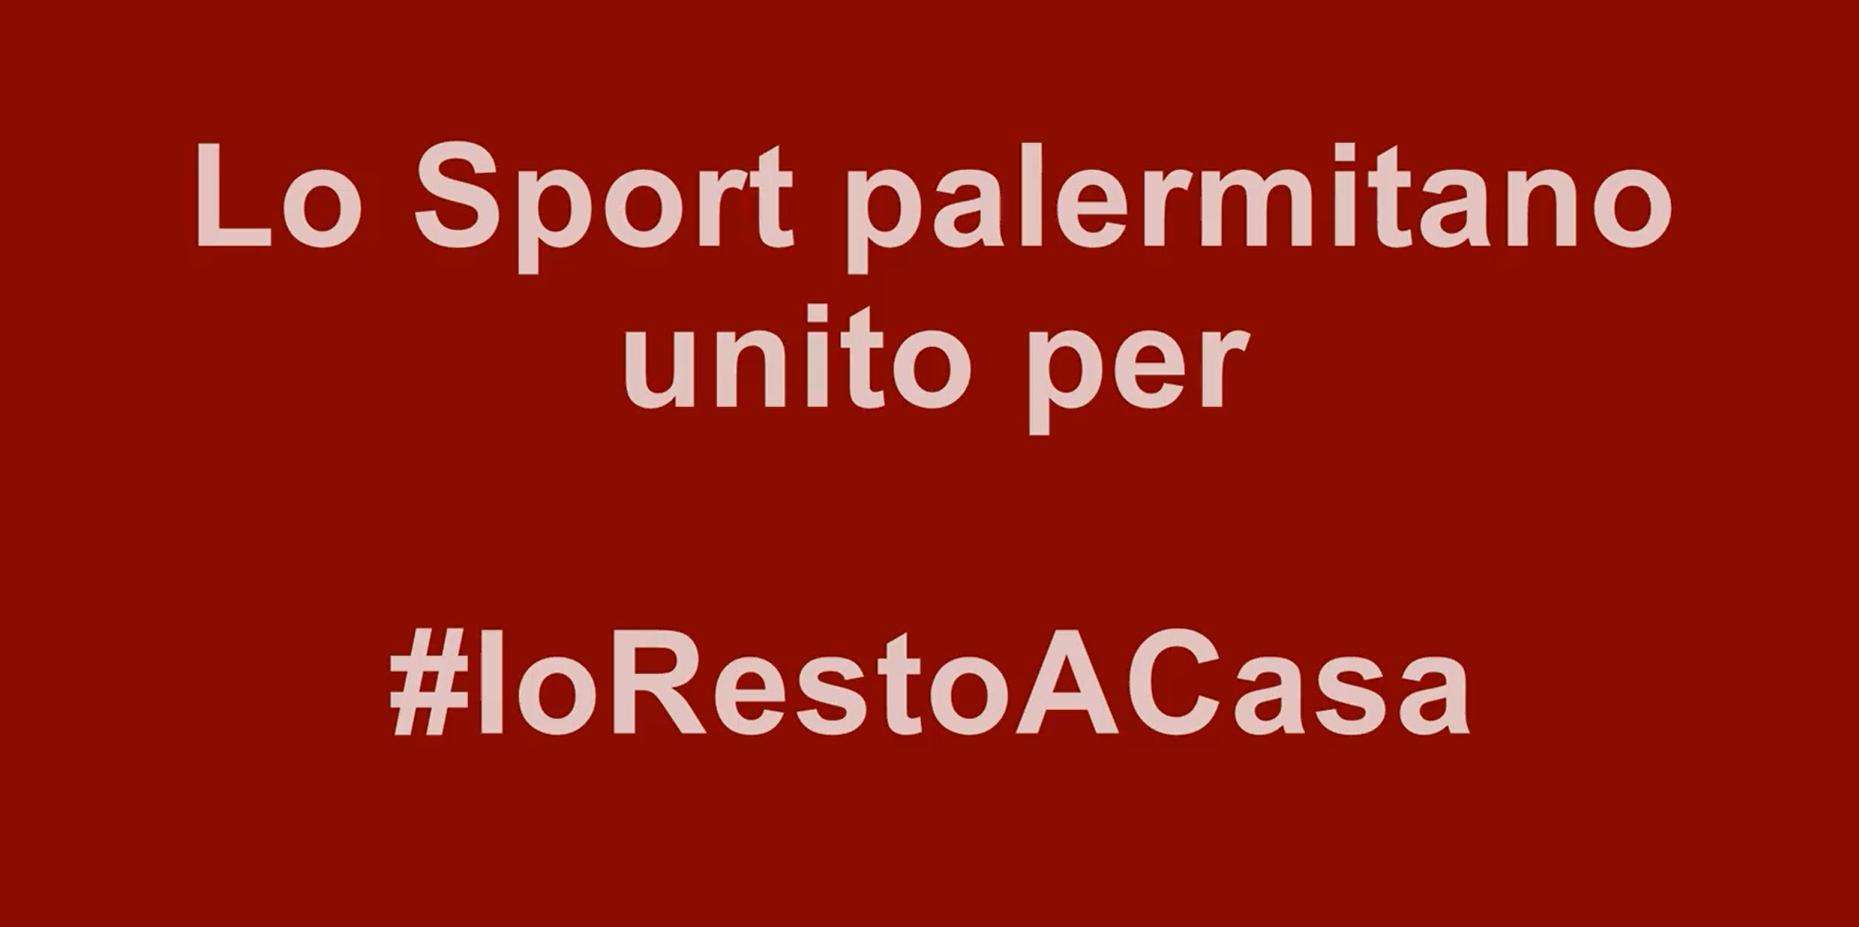 #IoRestoACasa: lo sport palermitano unito per sconfiggere il Coronavirus